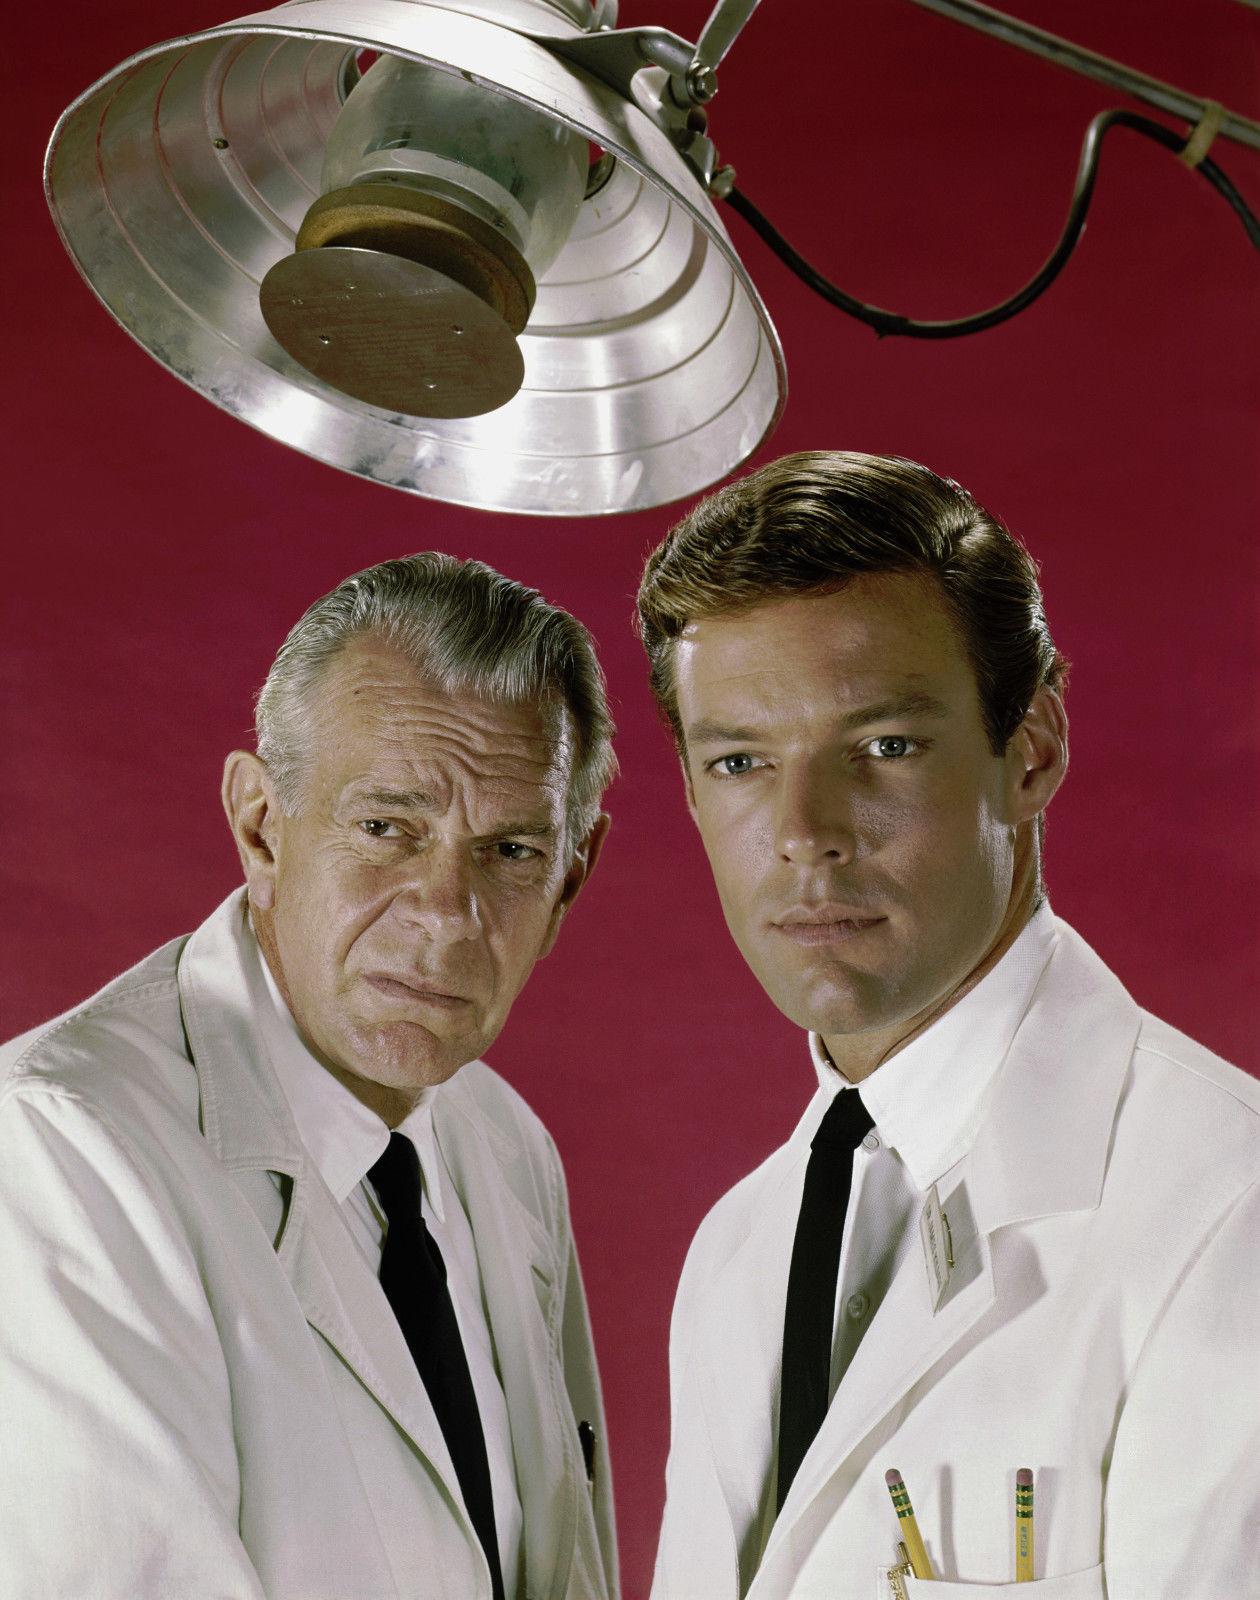 Richard Chamberlain and Raymond Massey in Dr. Kildare (1961)